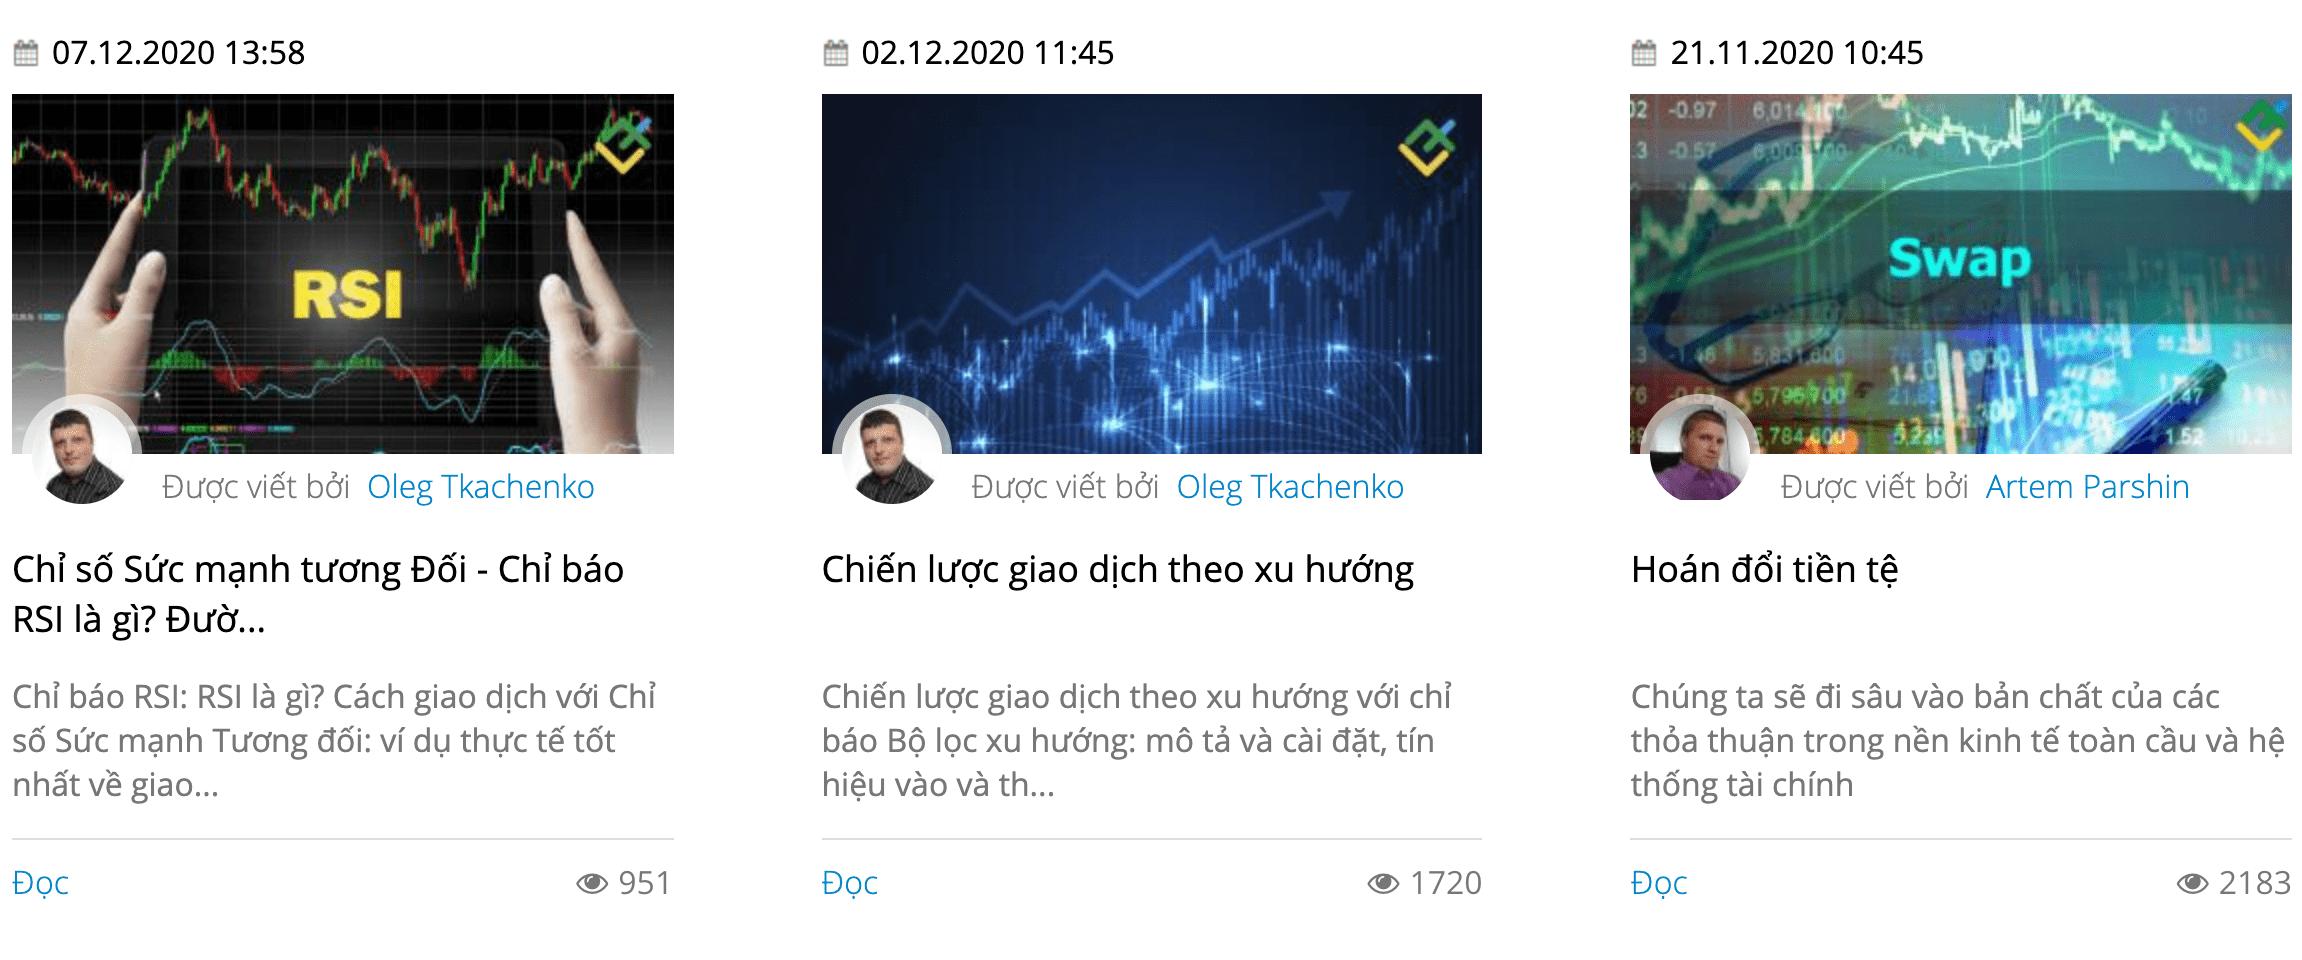 Đào tạo Liteforex